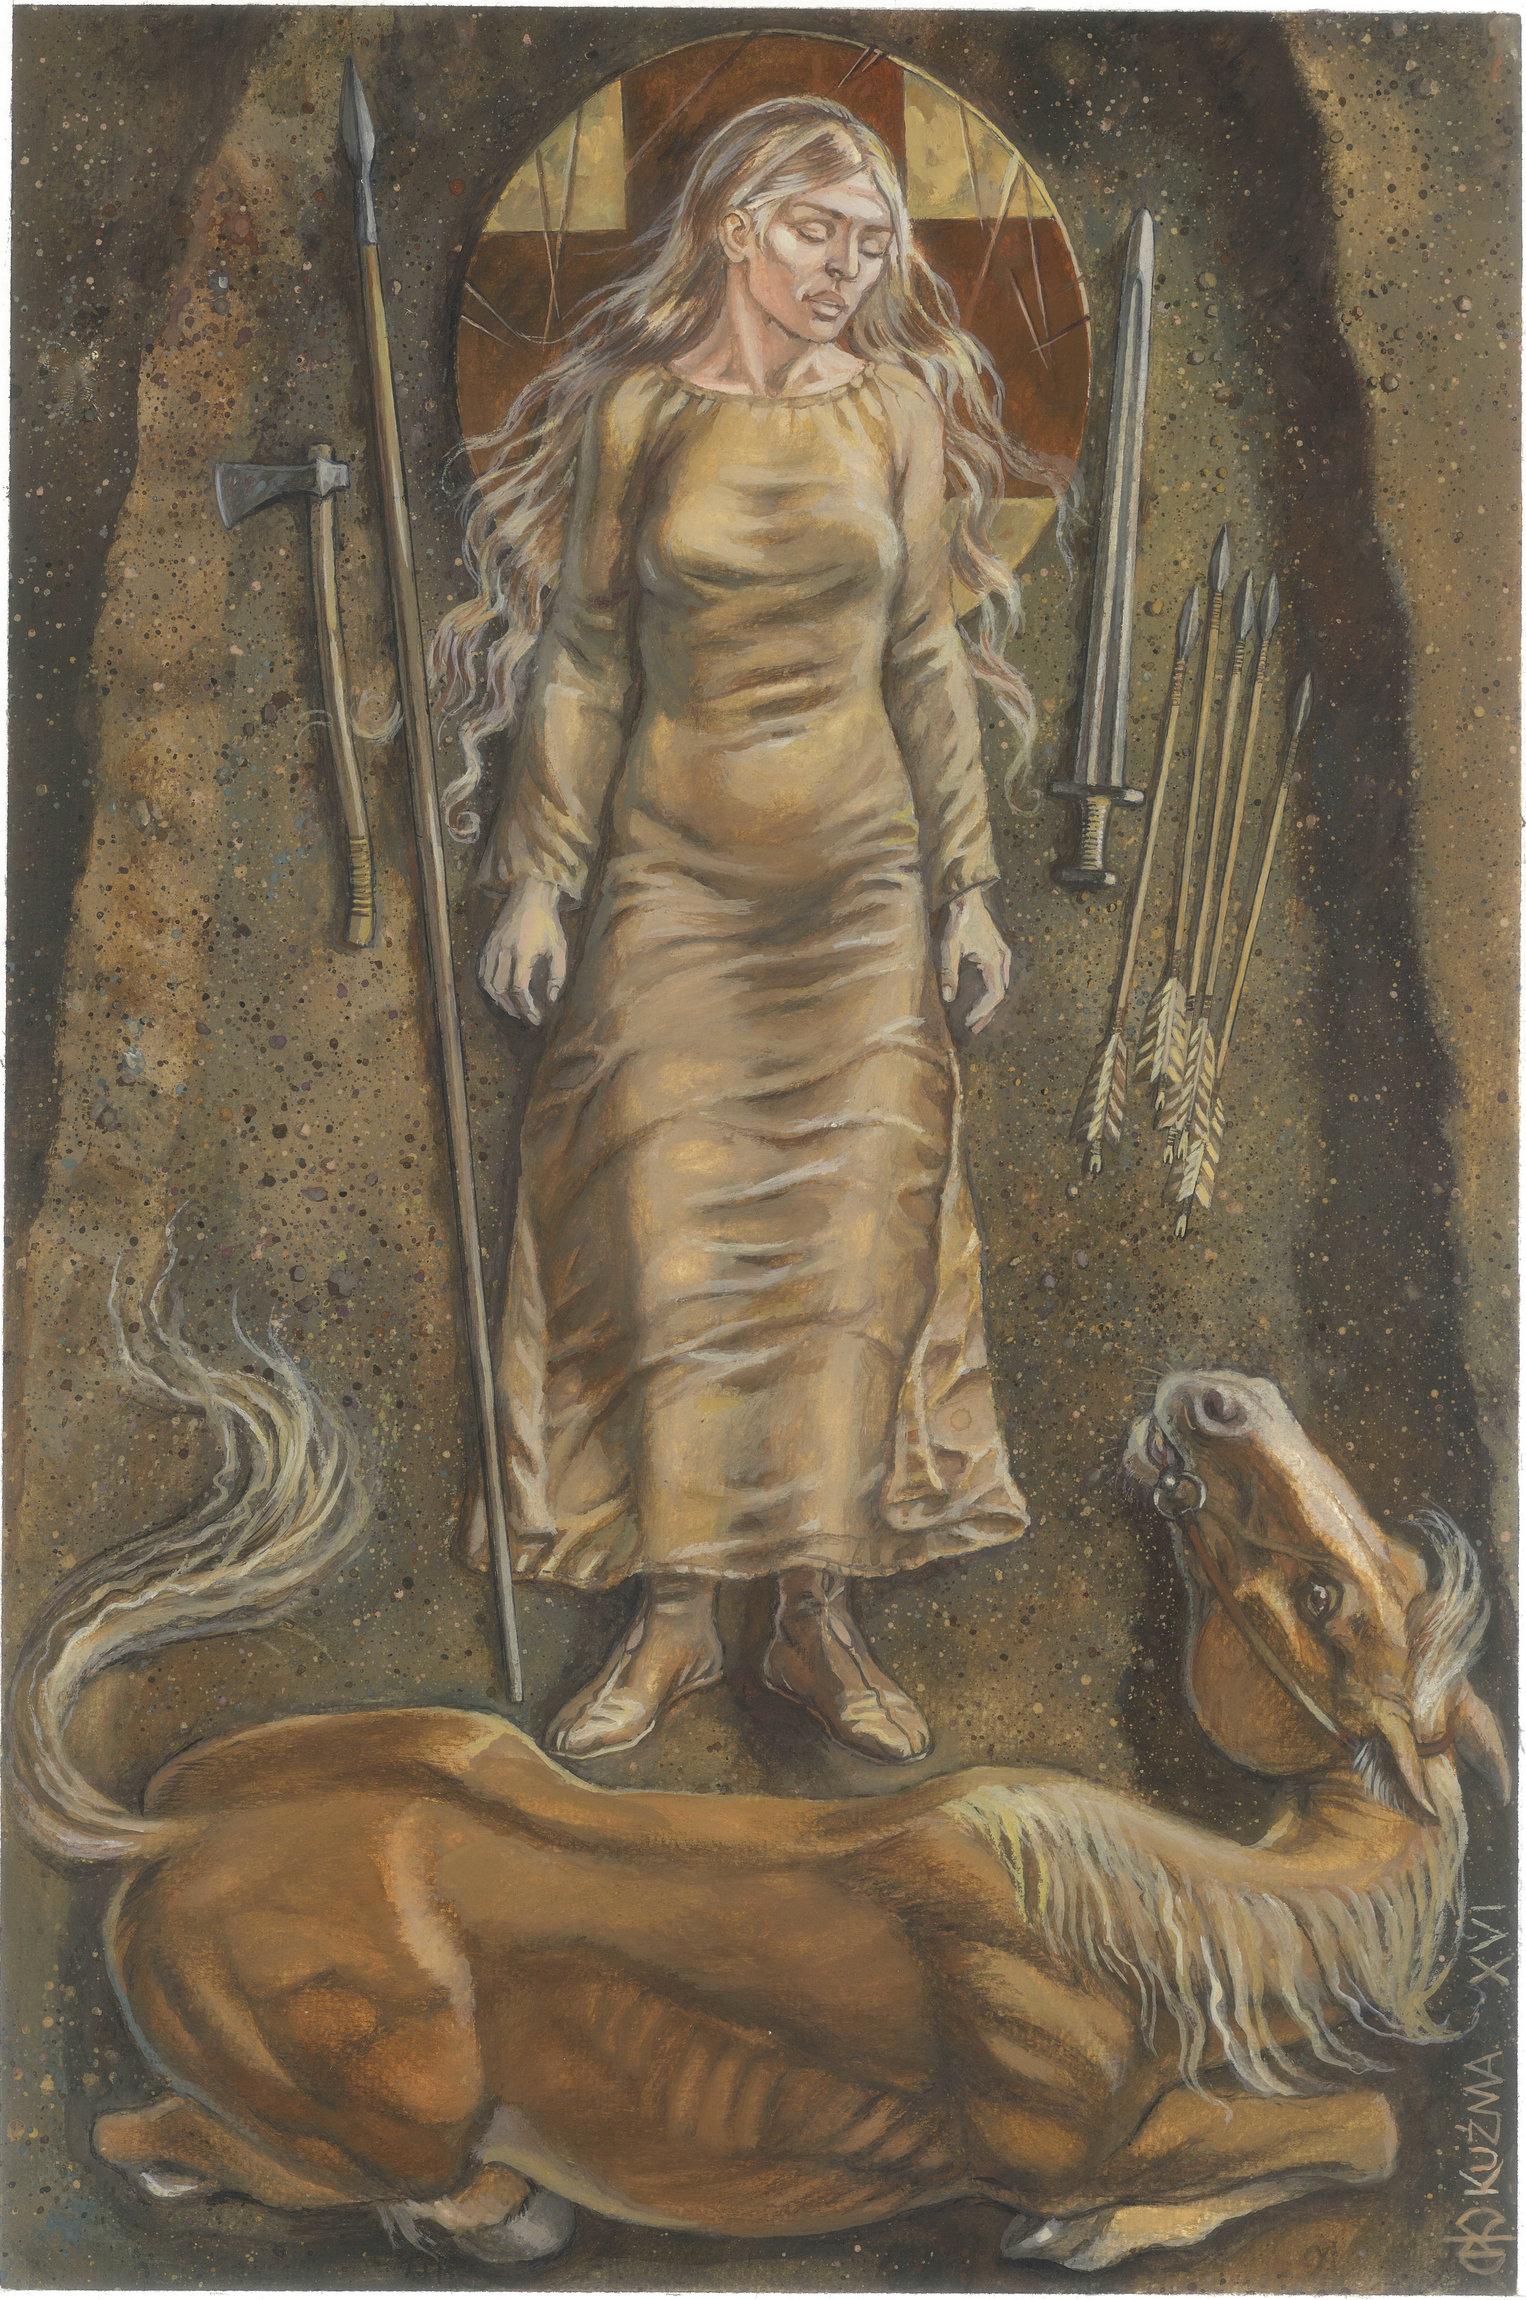 Warriors, Warlocks, Widows: Women and Weapons in the Viking World